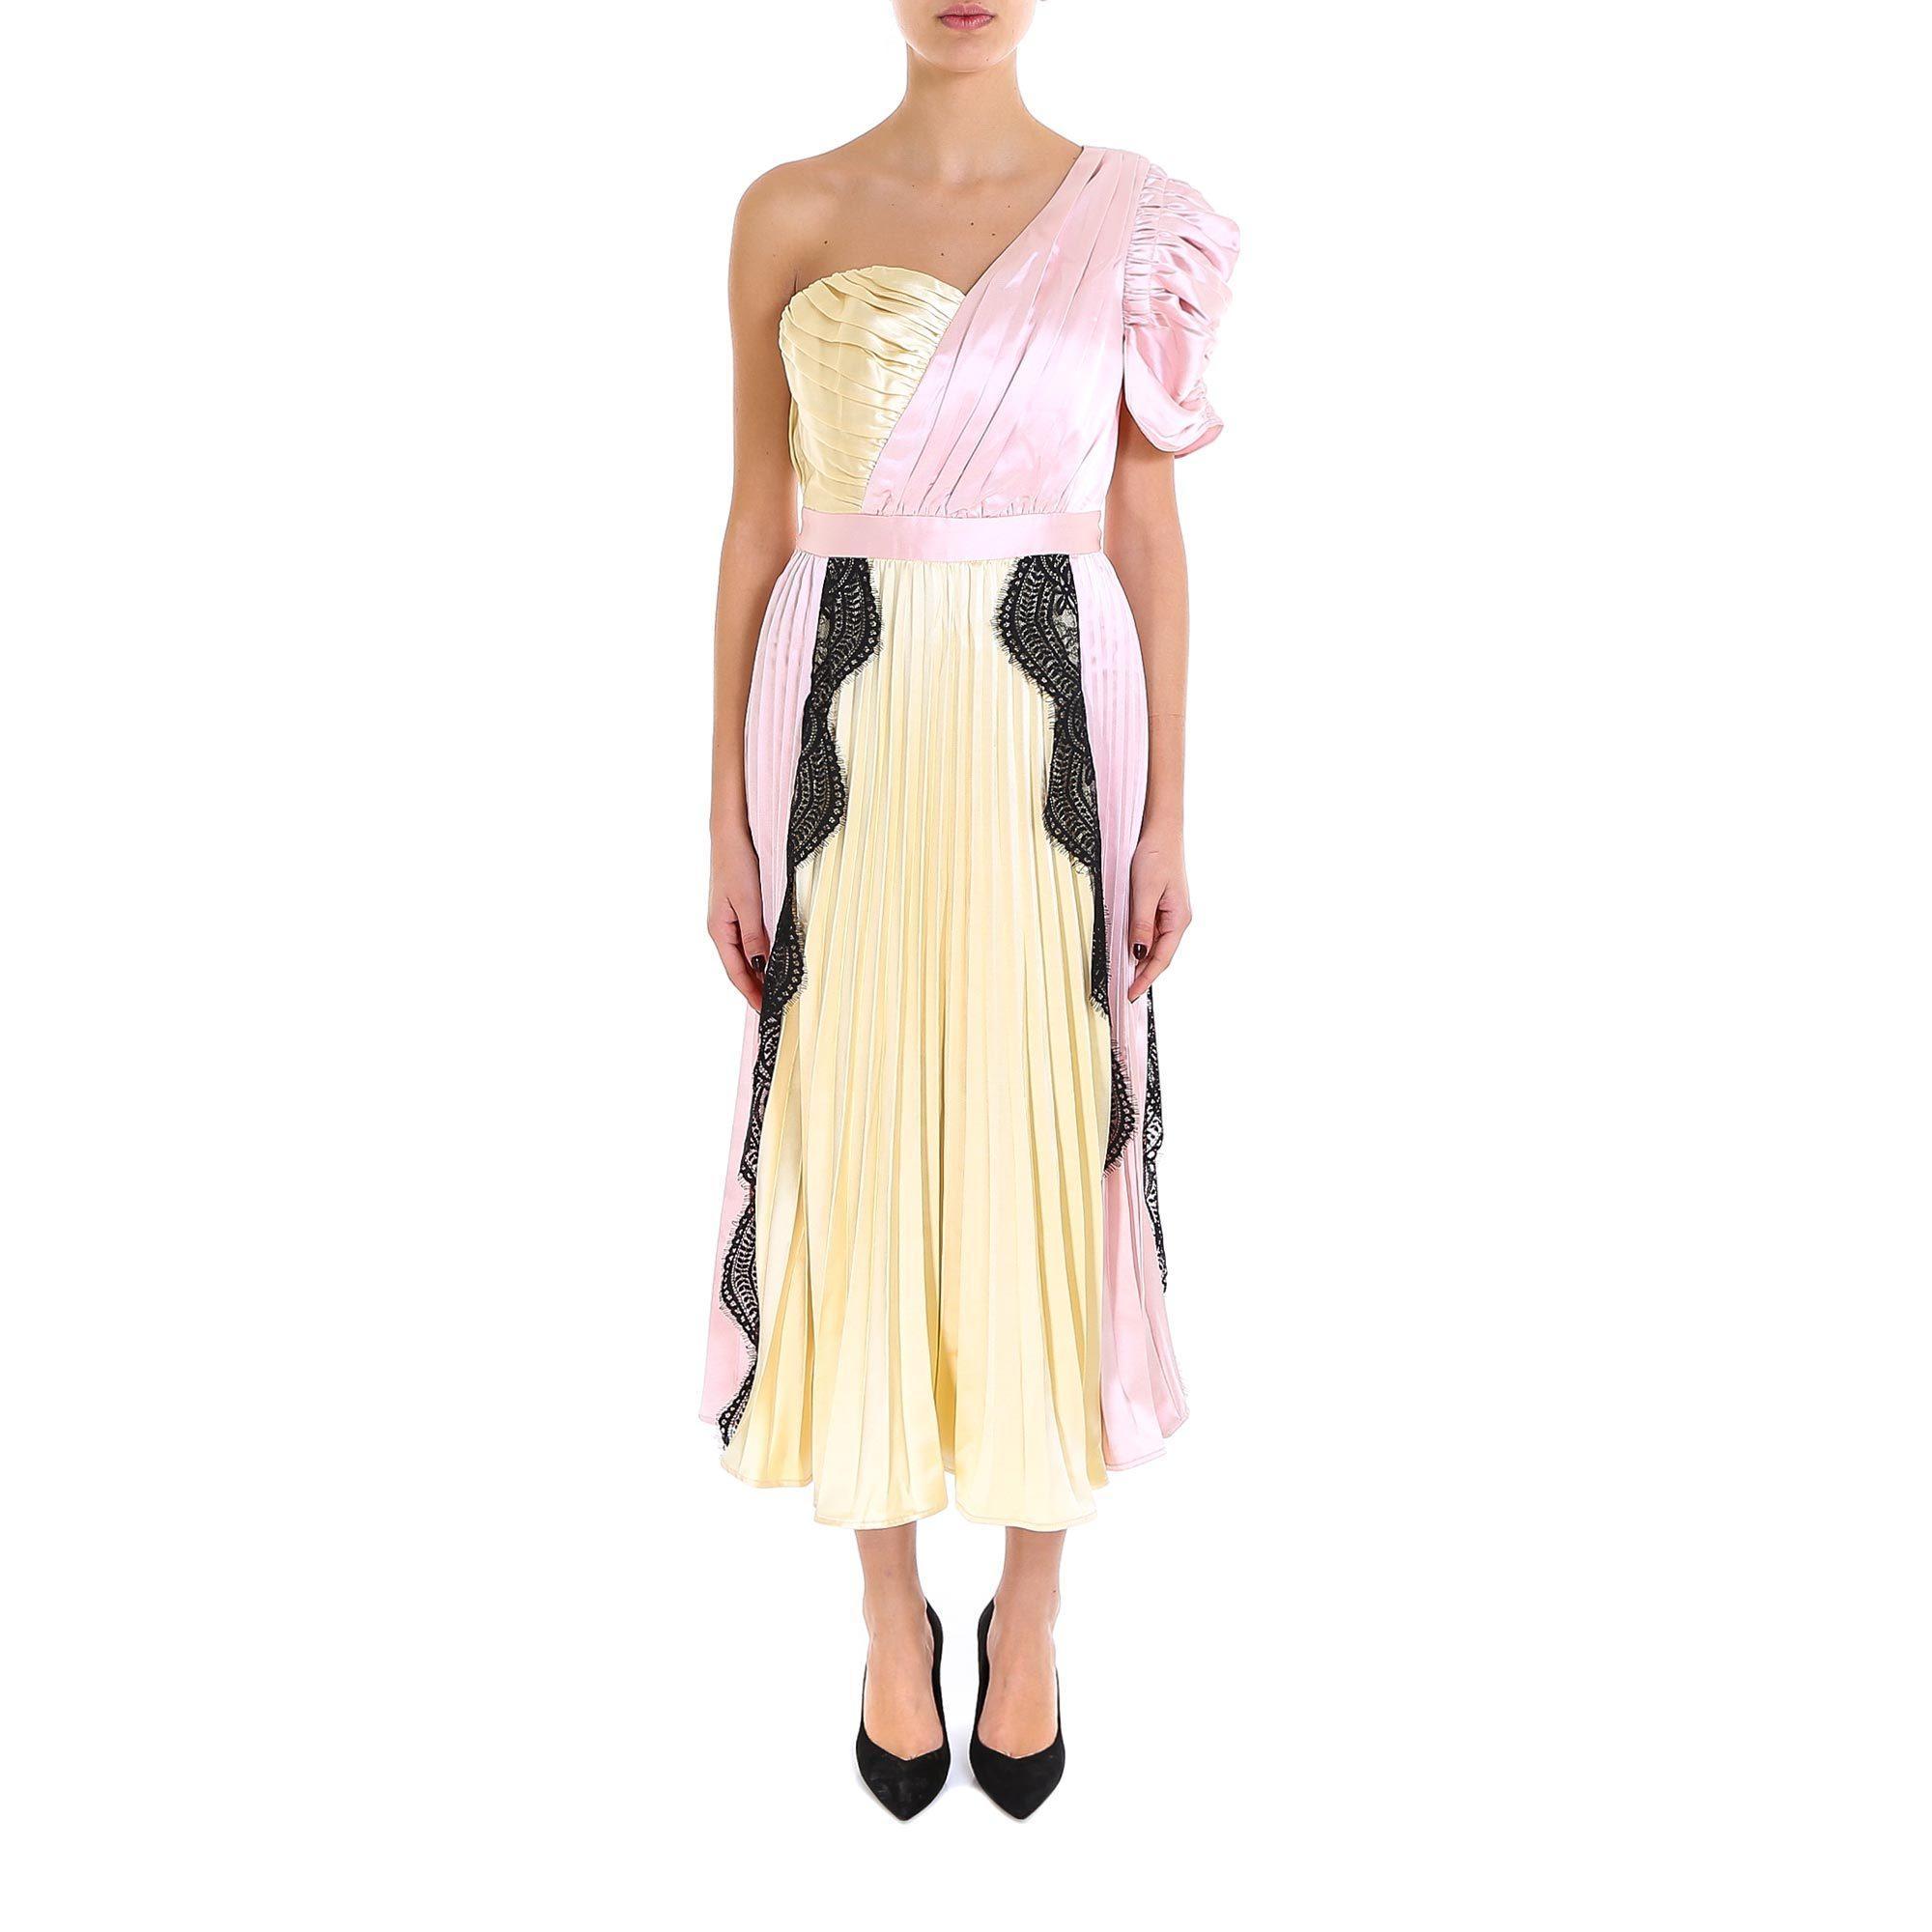 0ab6d4290d98 Lyst - Self-Portrait Lace Inserts One Shoulder Dress - Save 23%